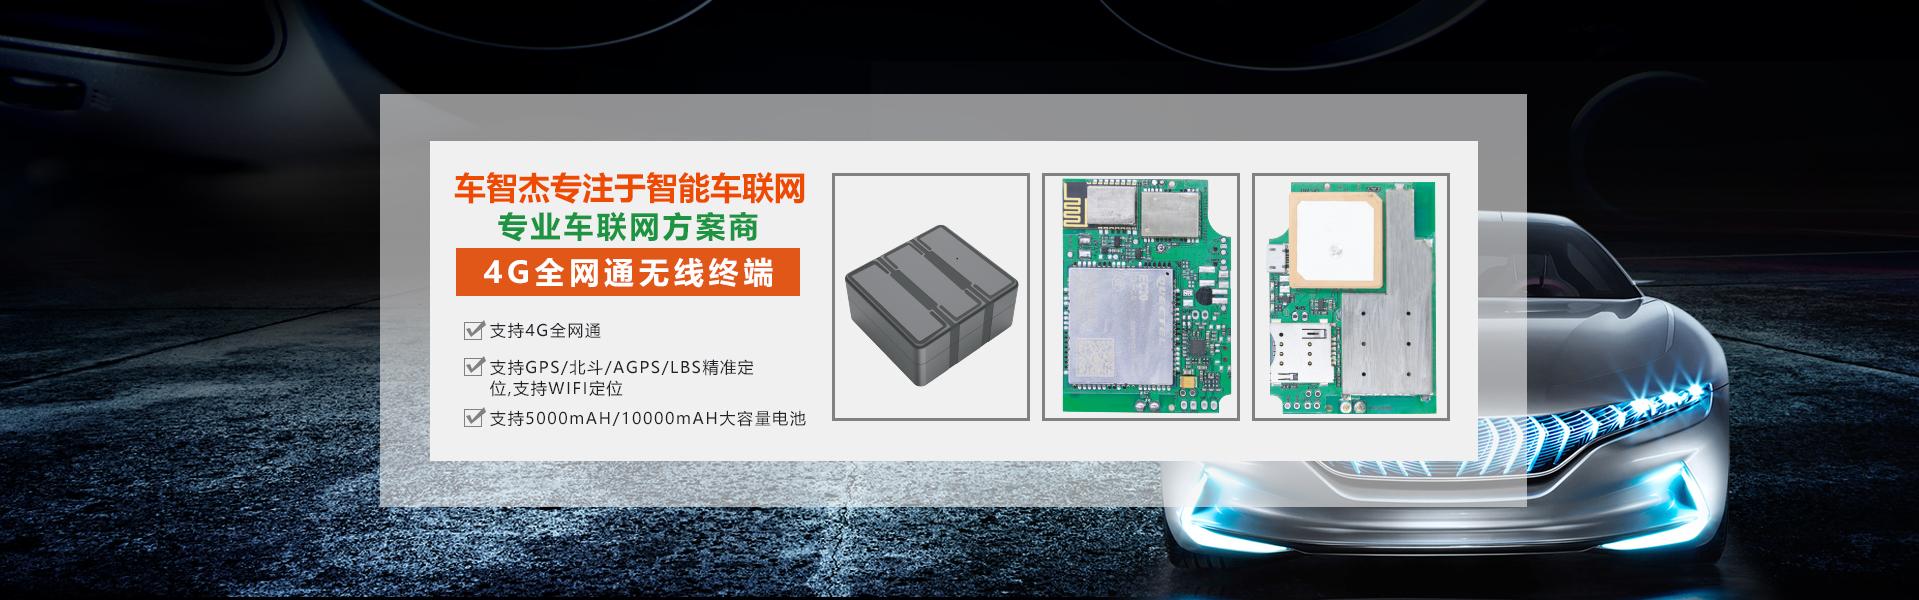 深圳个人定位器,广州个人定位器